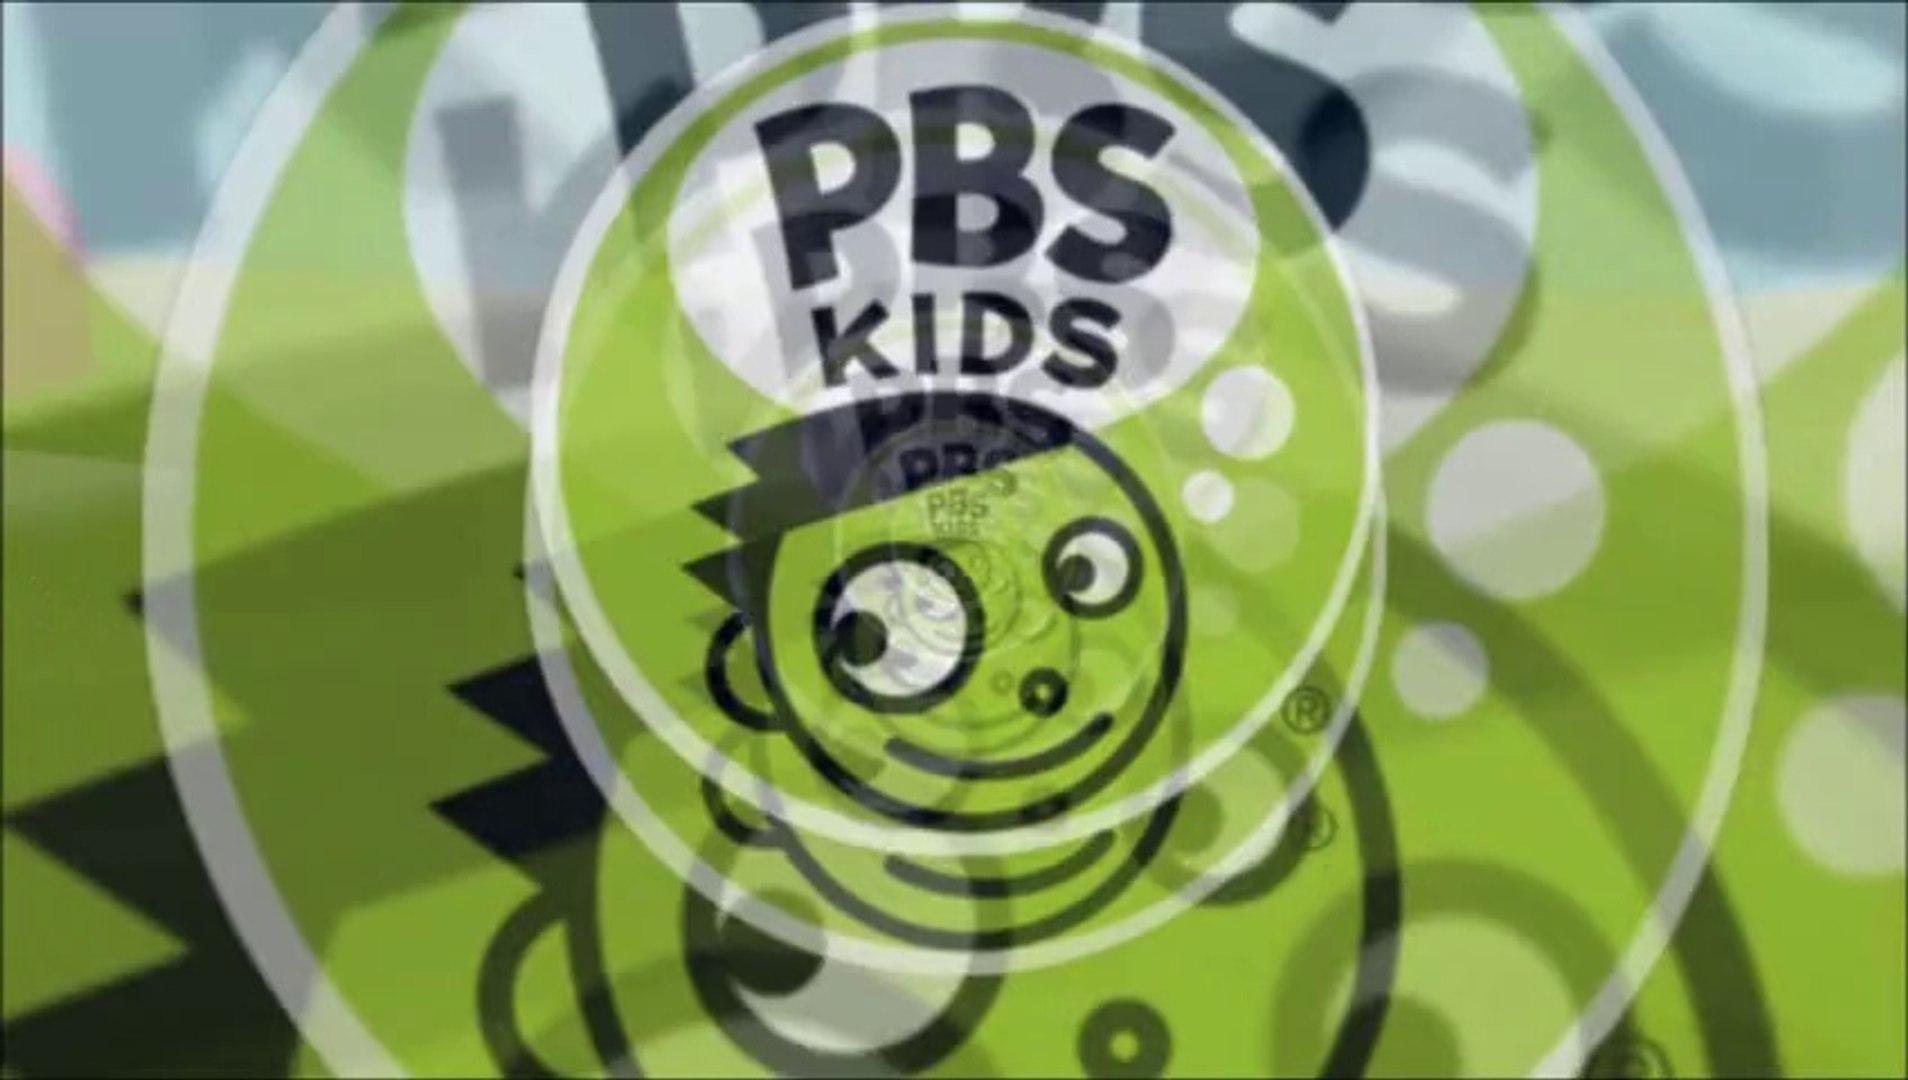 PBS KIDS Studios Home Entertainment & DVD Karaoke Intro (2014)